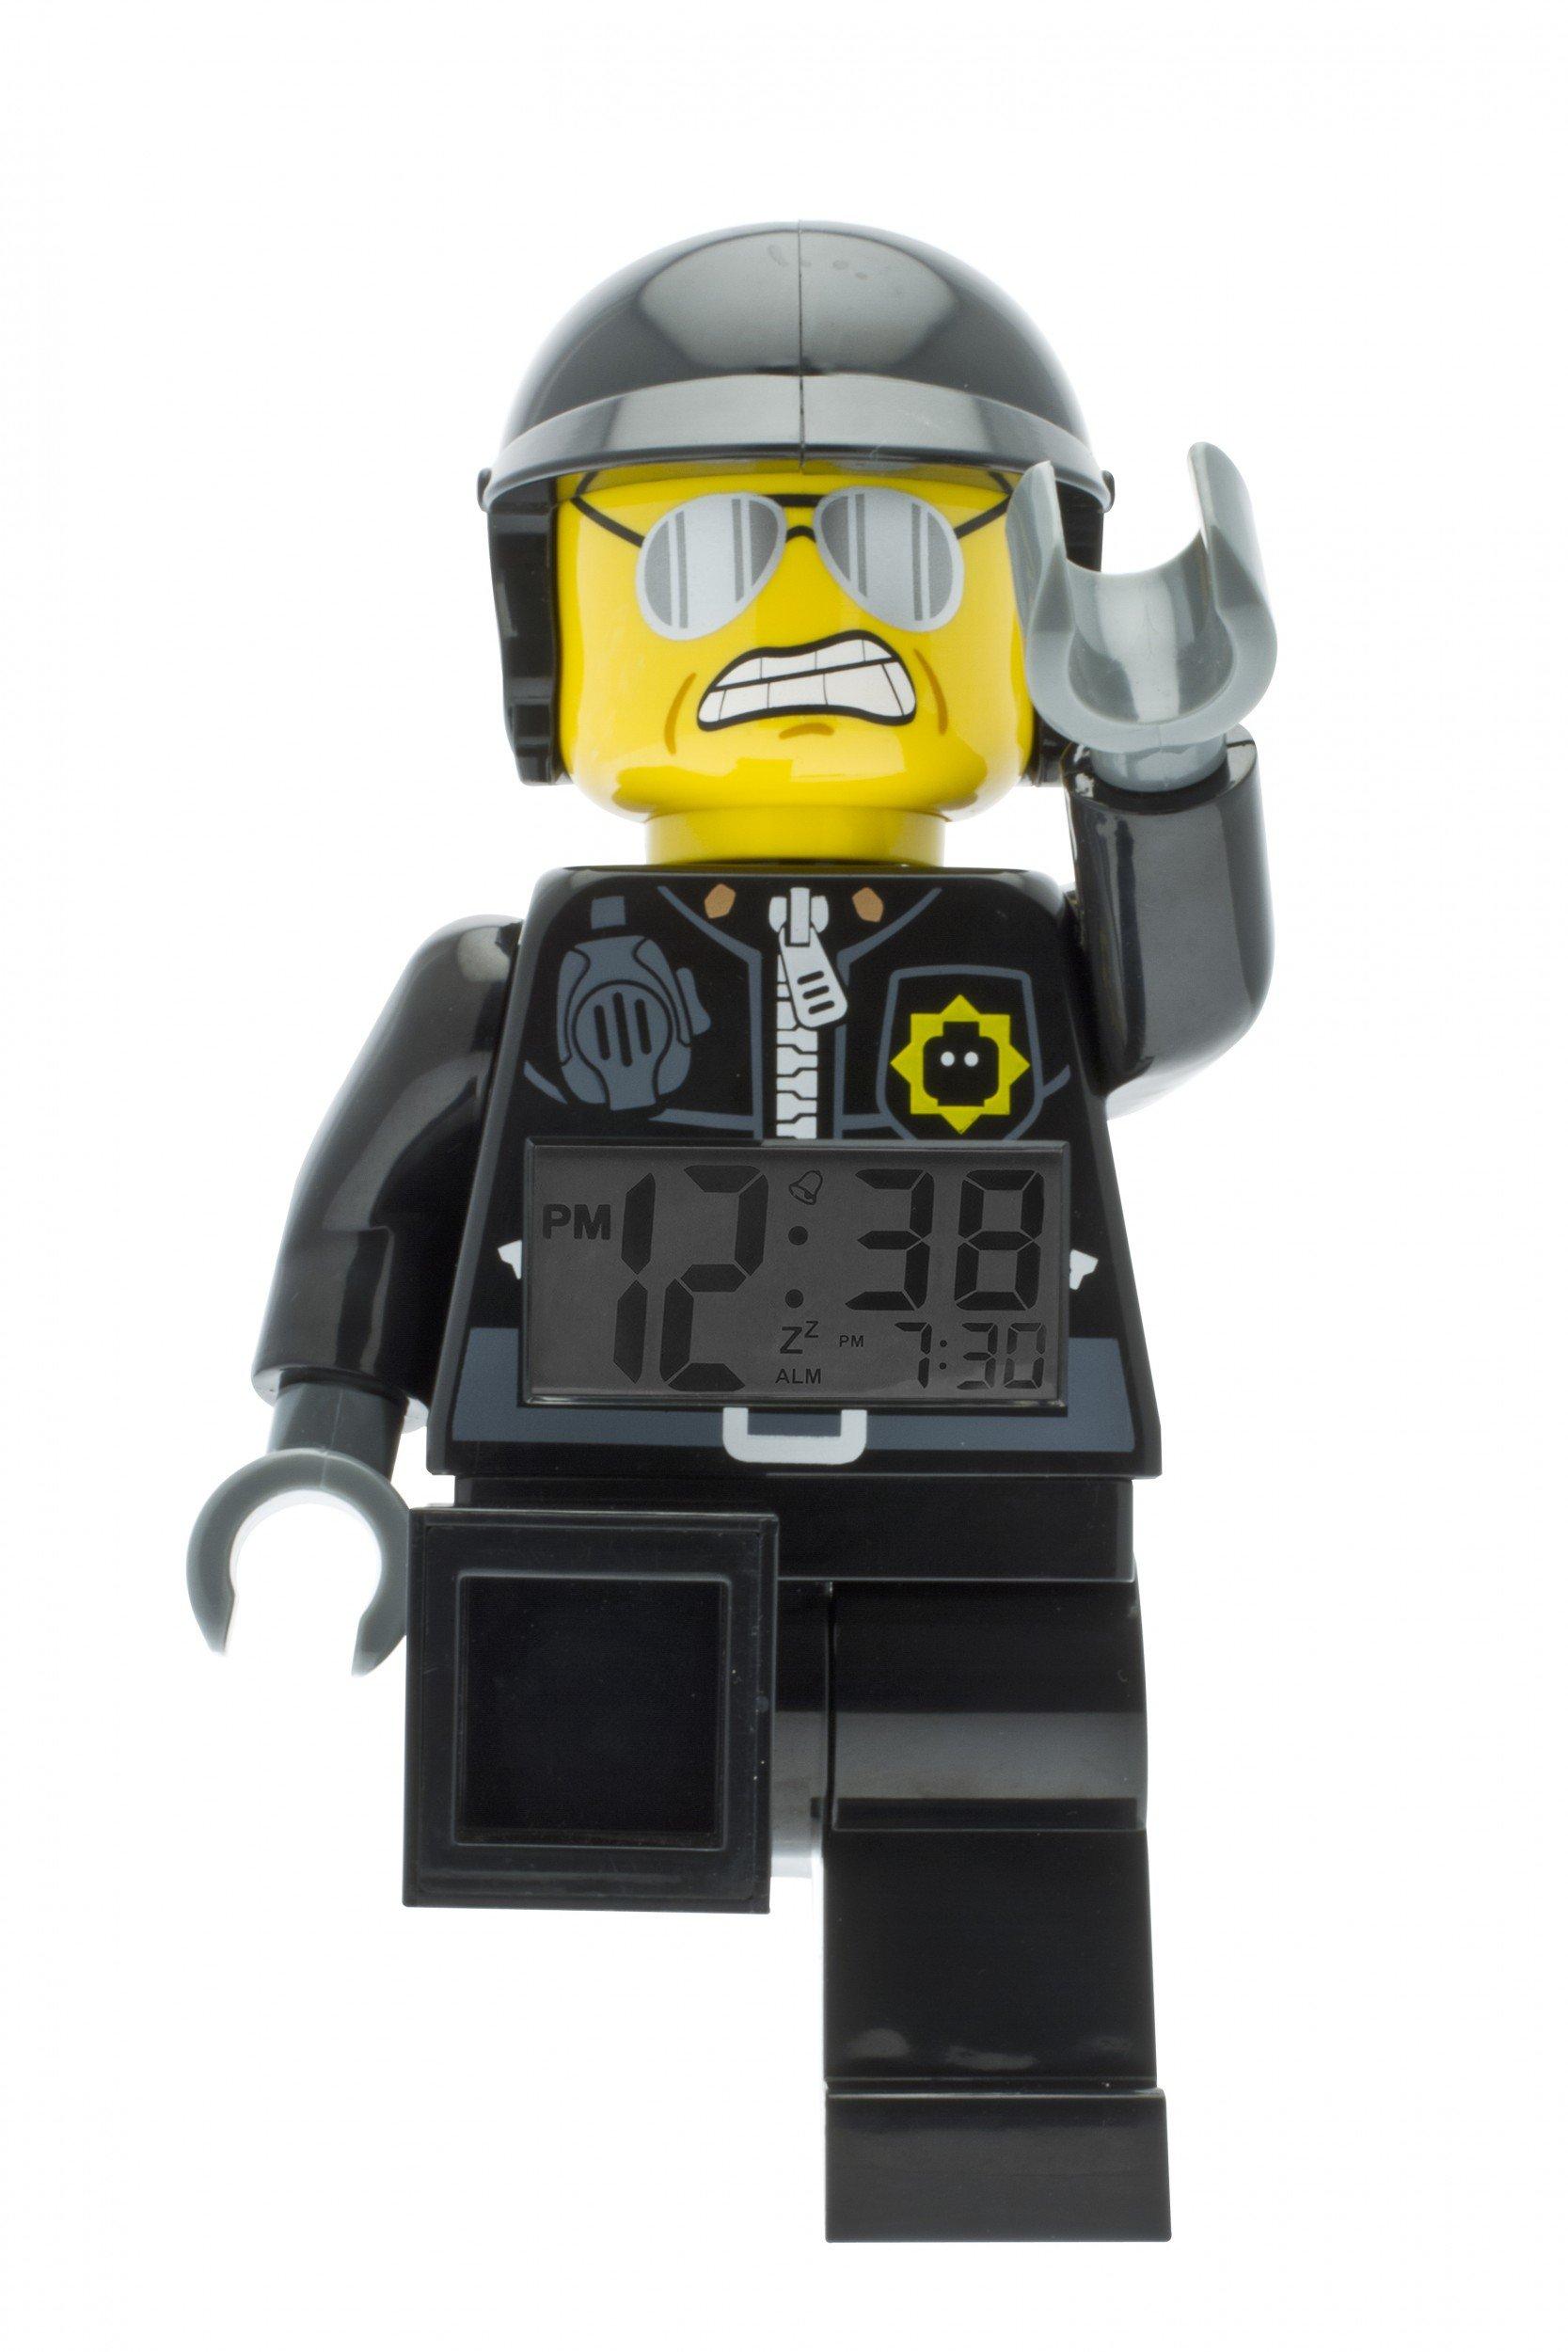 LEGO-City-9009952-Sveglia-Retroilluminata-per-Bambini-Minifigure-Poliziotto-NeroBianco-Plastica-Altezza-24-cm-circa-Display-LCD-BambinoBambina-Ufficiale